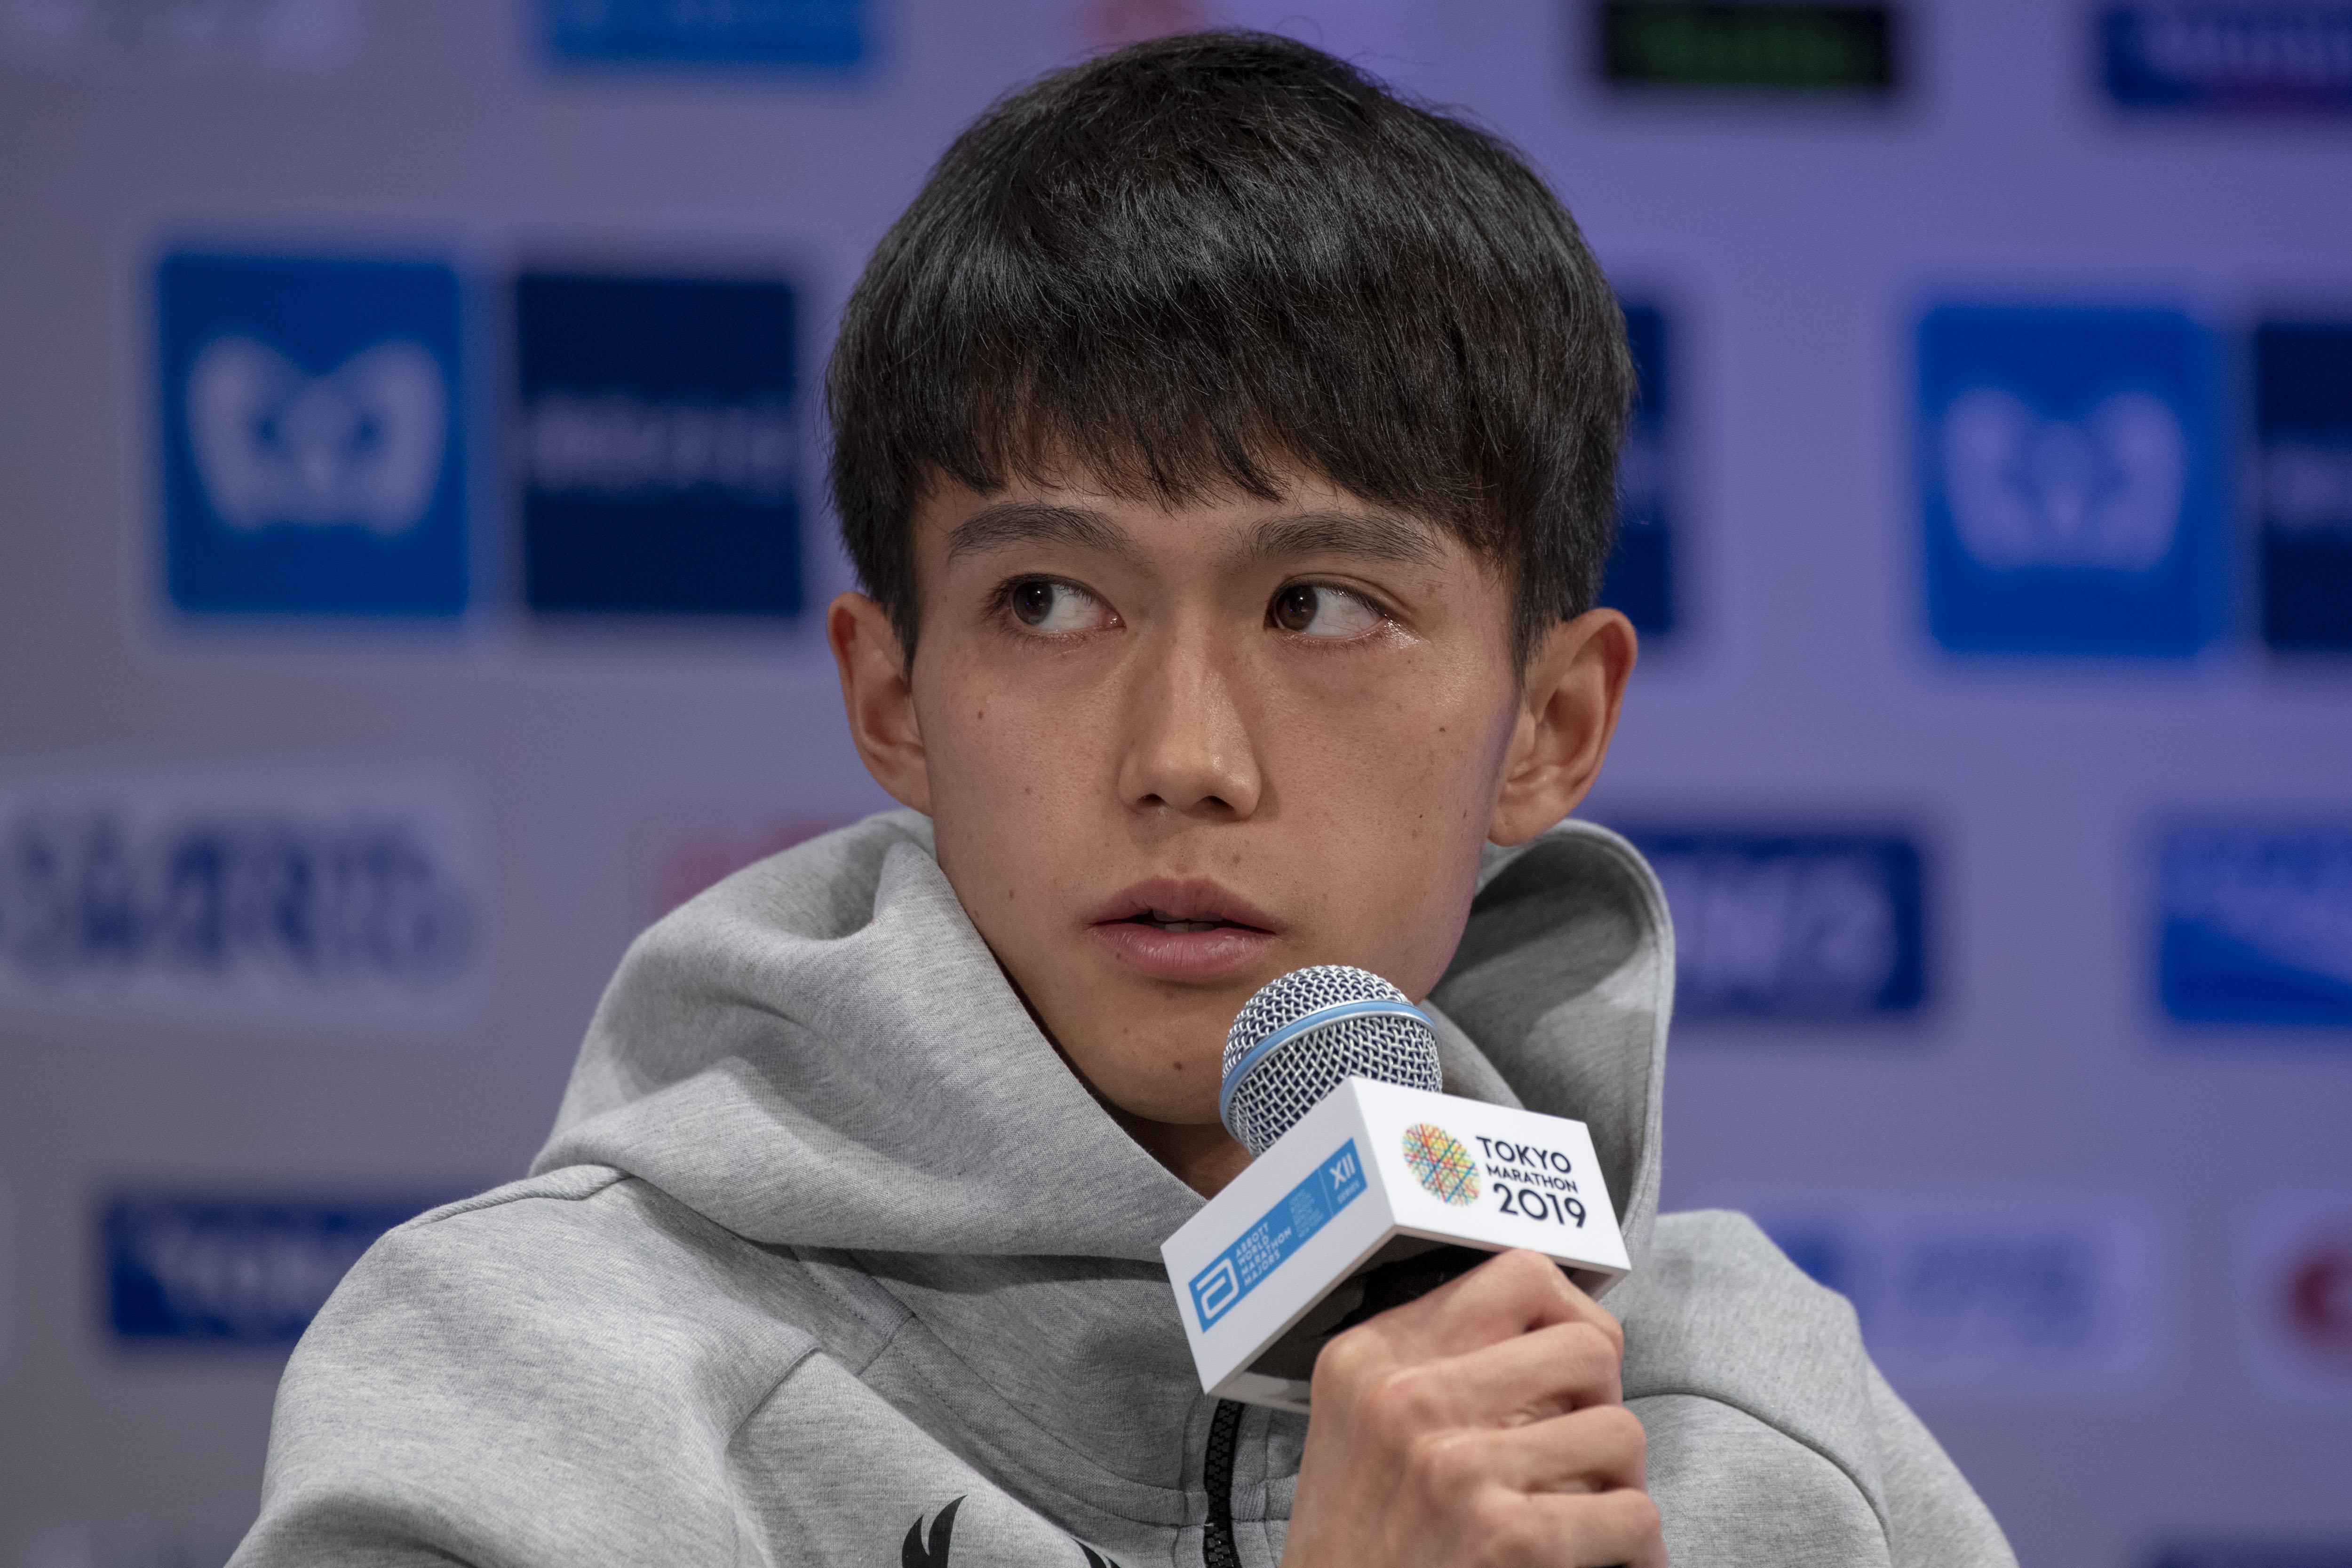 マラソン男子・大迫傑が日本選手権の選考基準に苦言 「陸連を私物化するのはやめた方がいい」